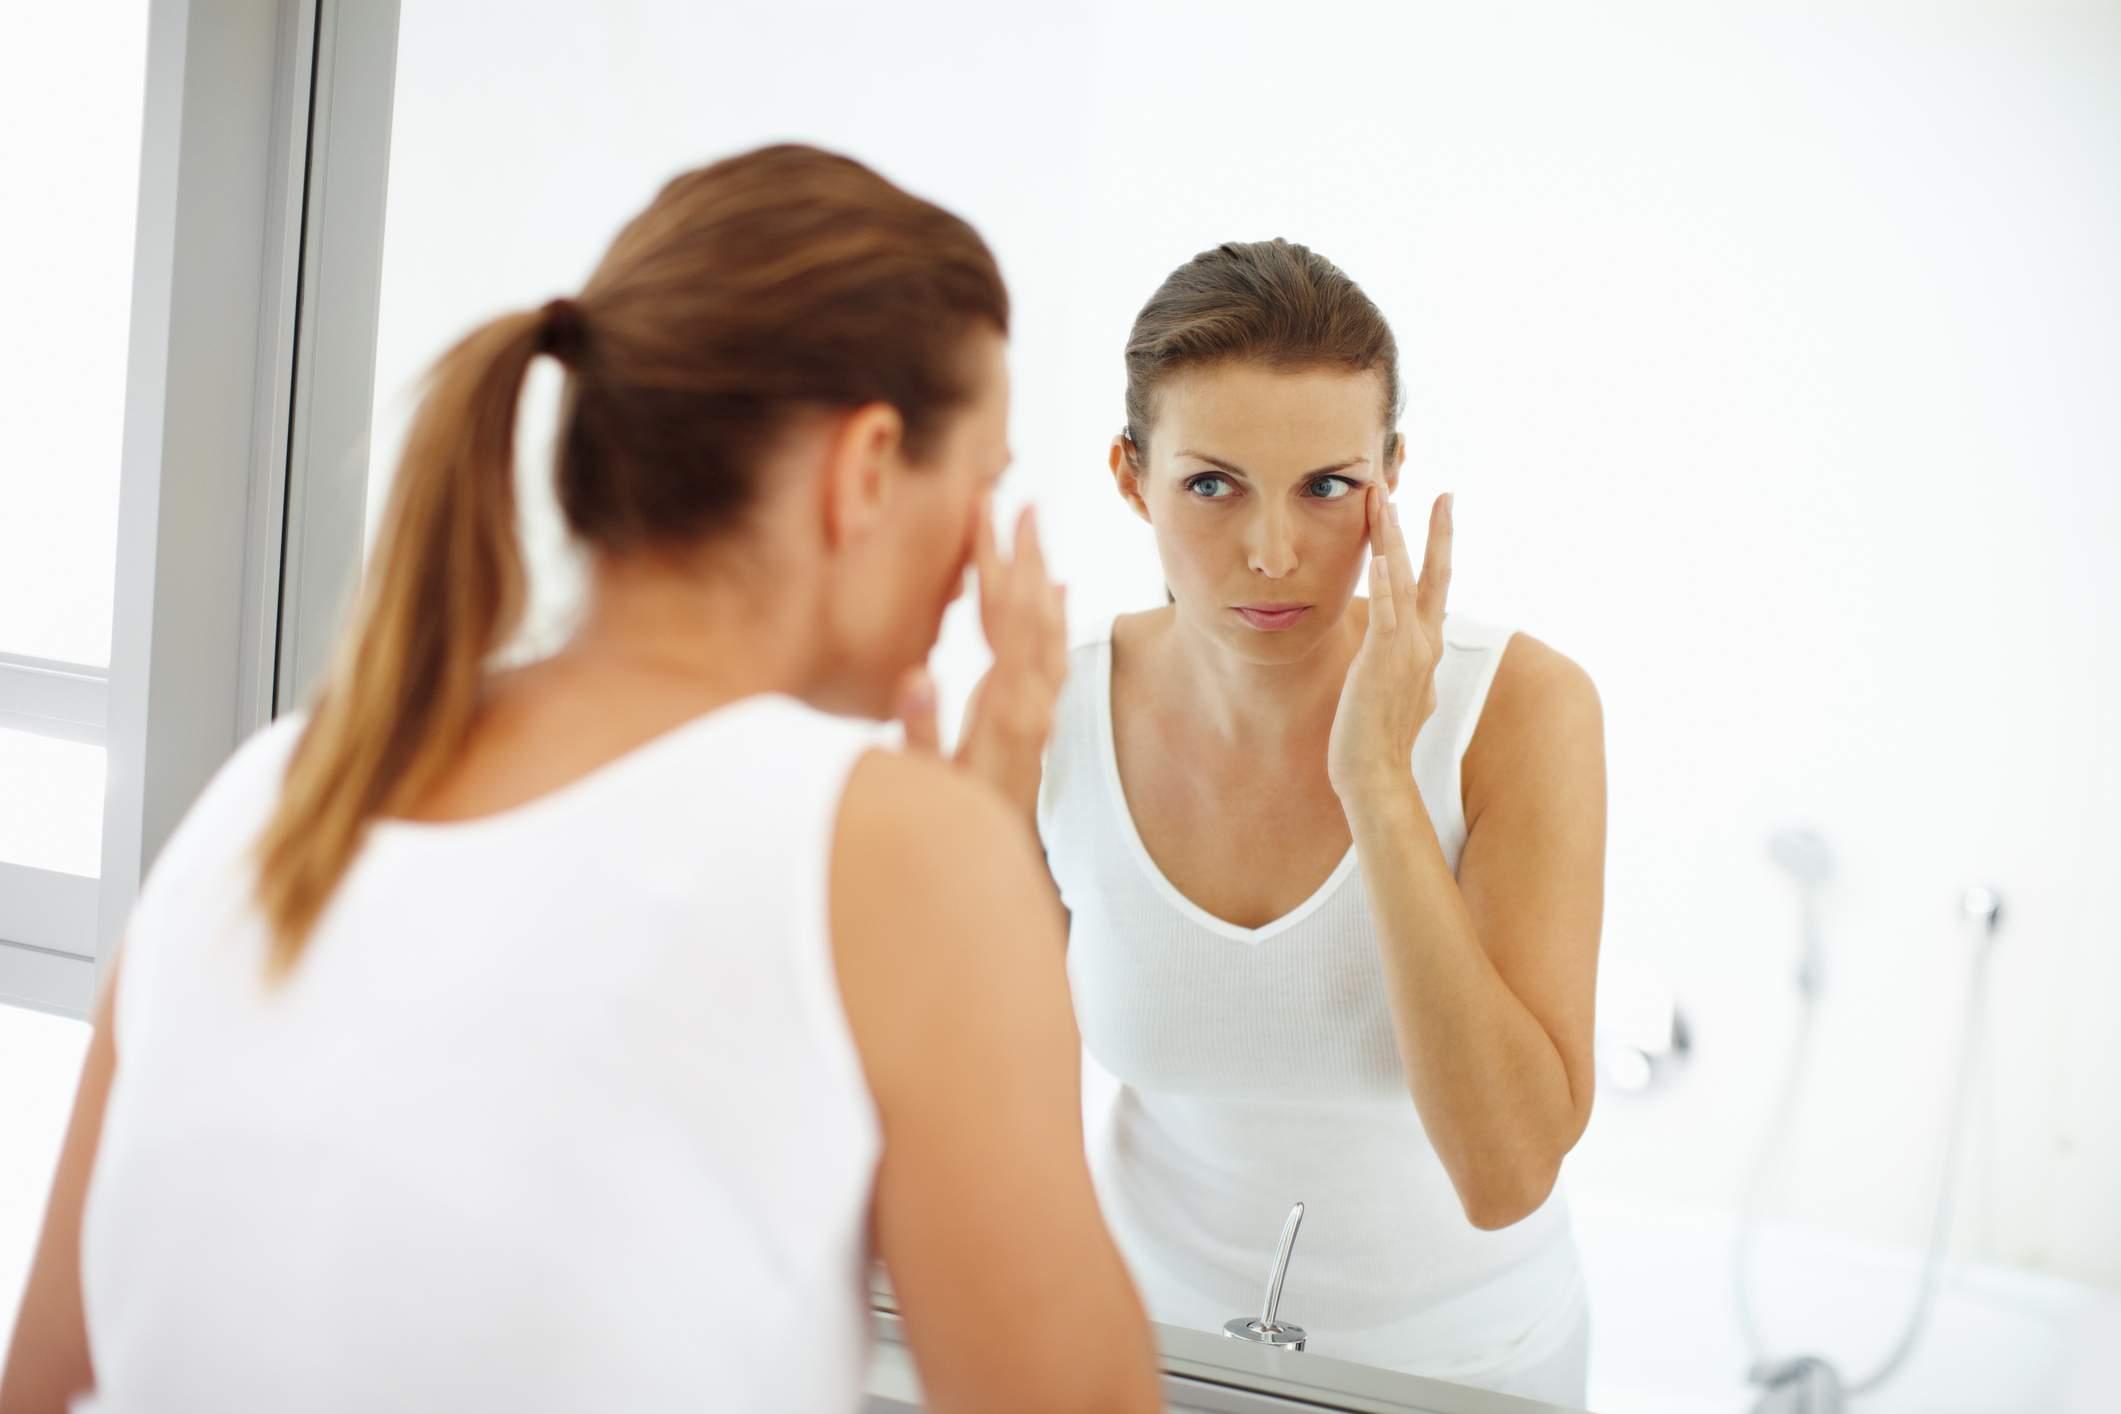 Косметологи подсказали, как избавиться от отеков под глазами